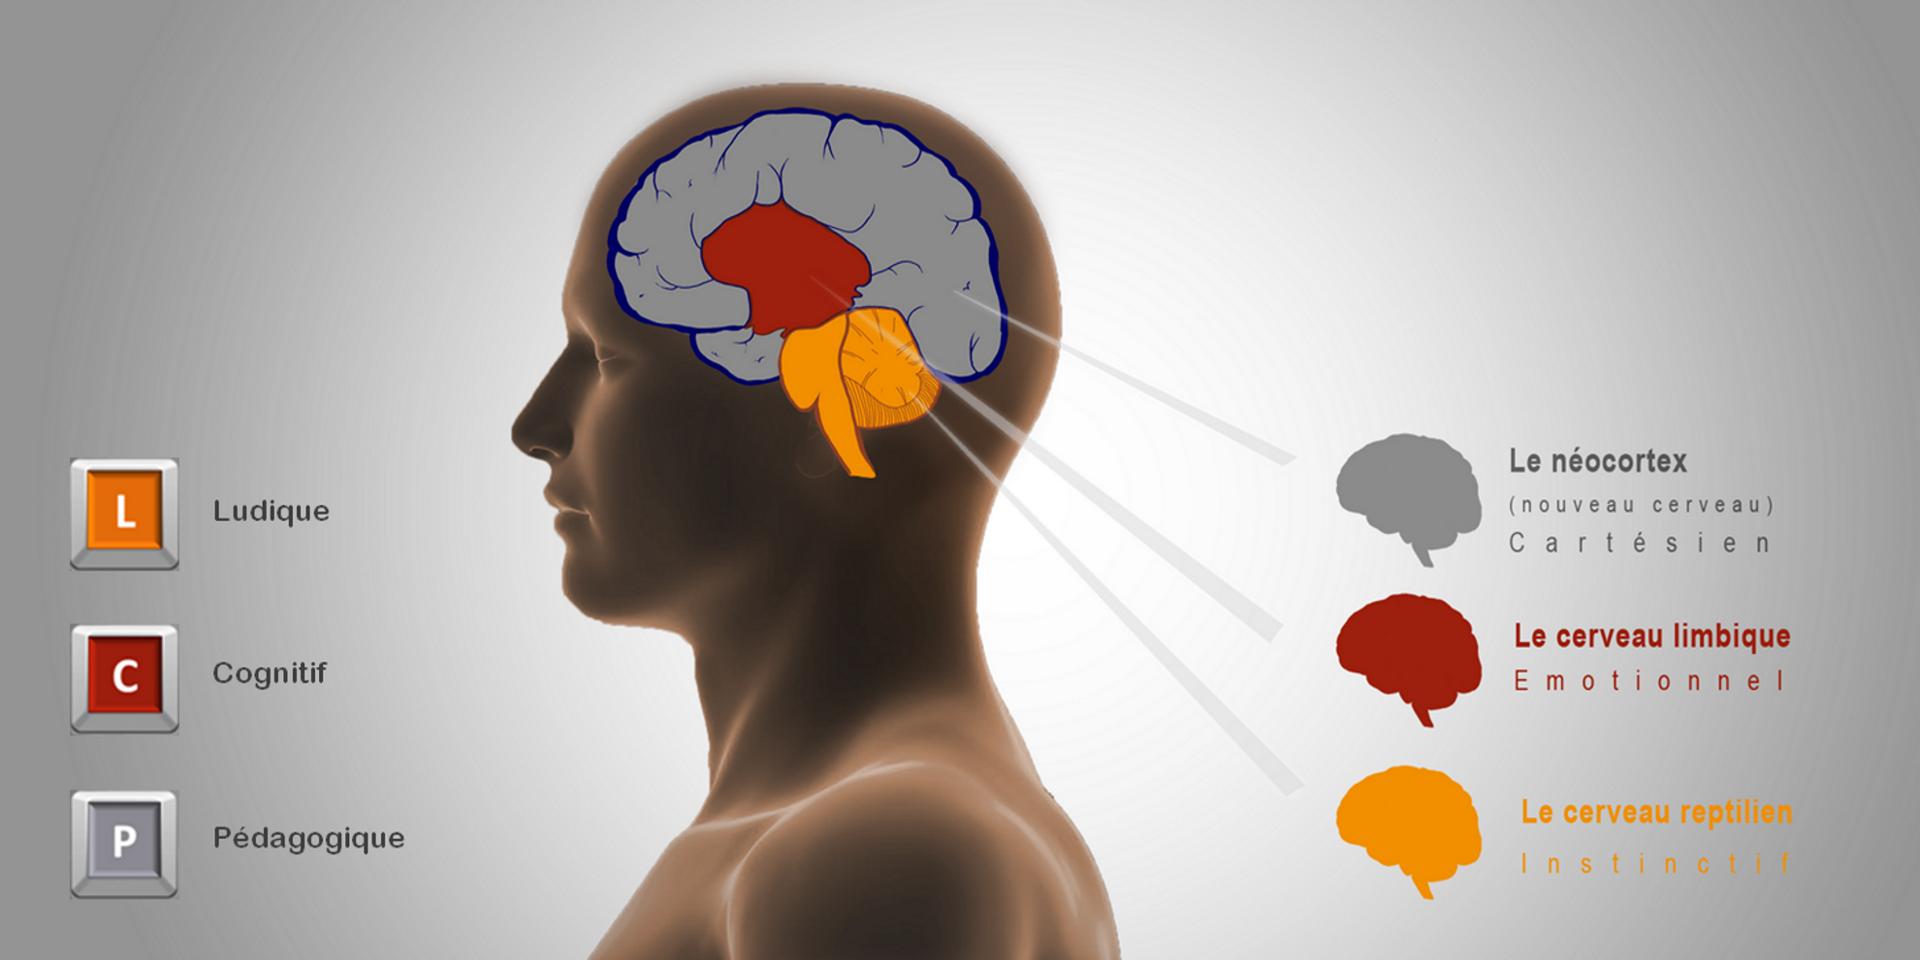 3-cerveaux-3-fondements-2016